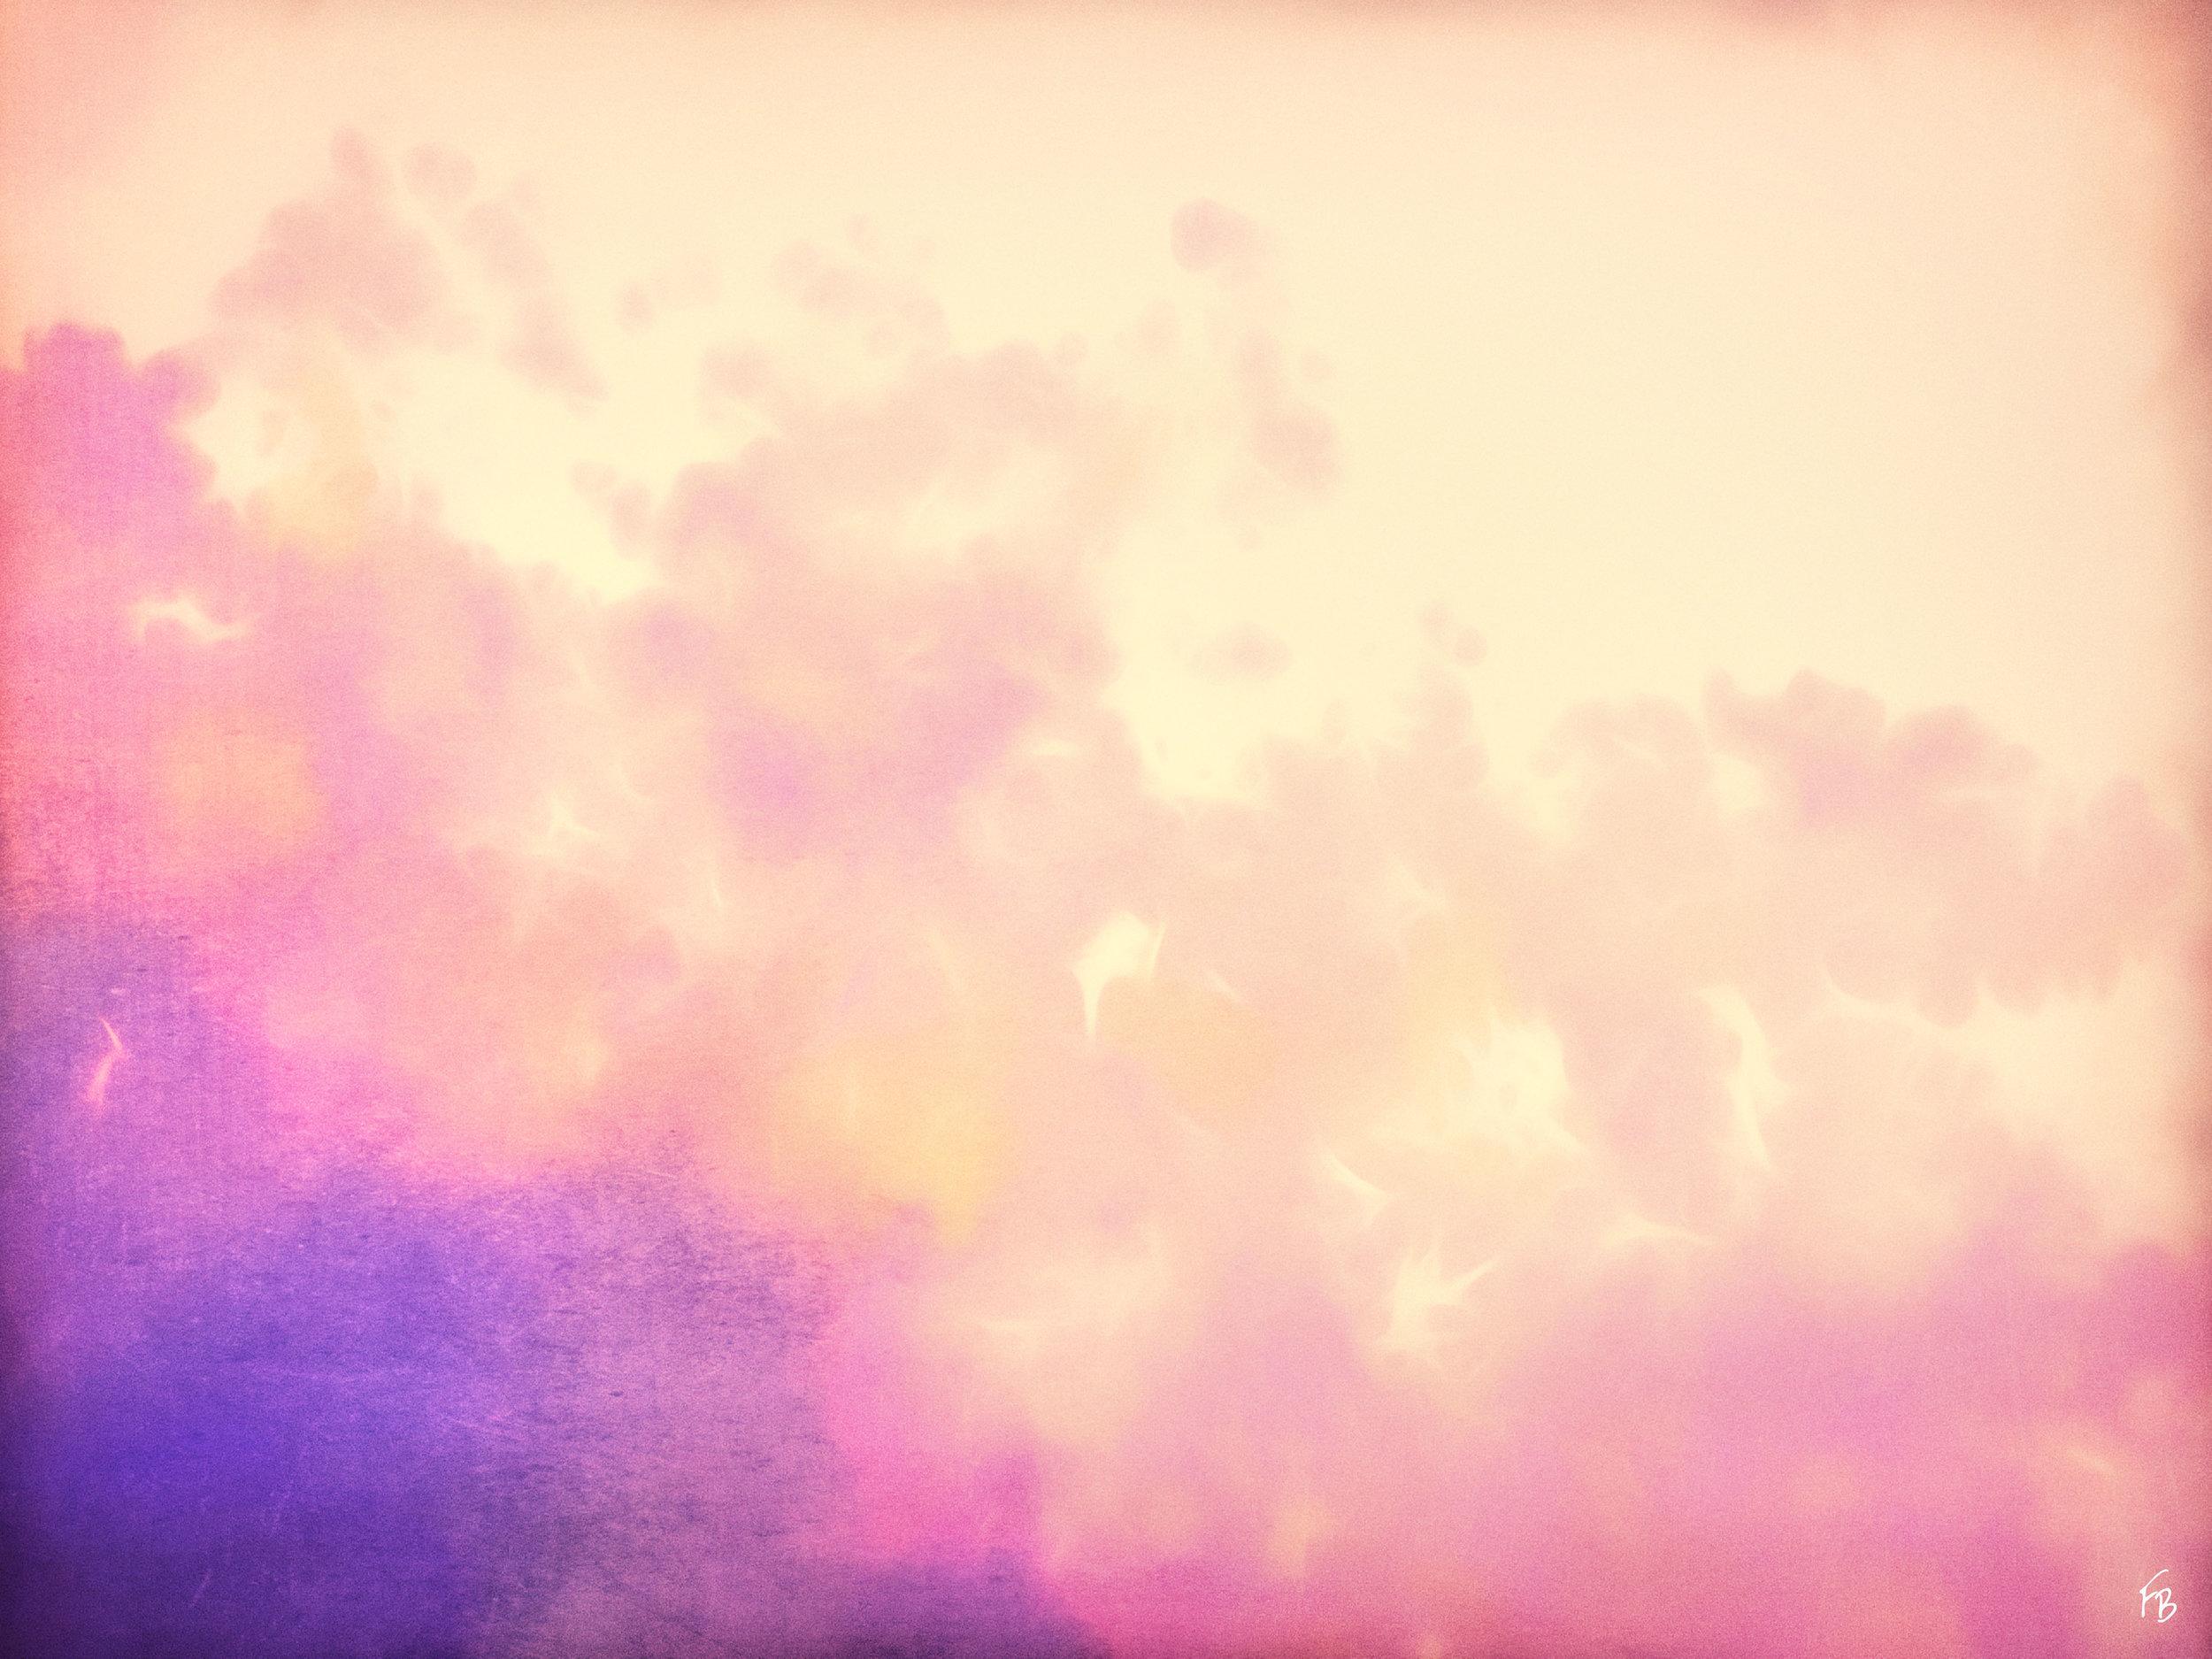 Blossom in purple